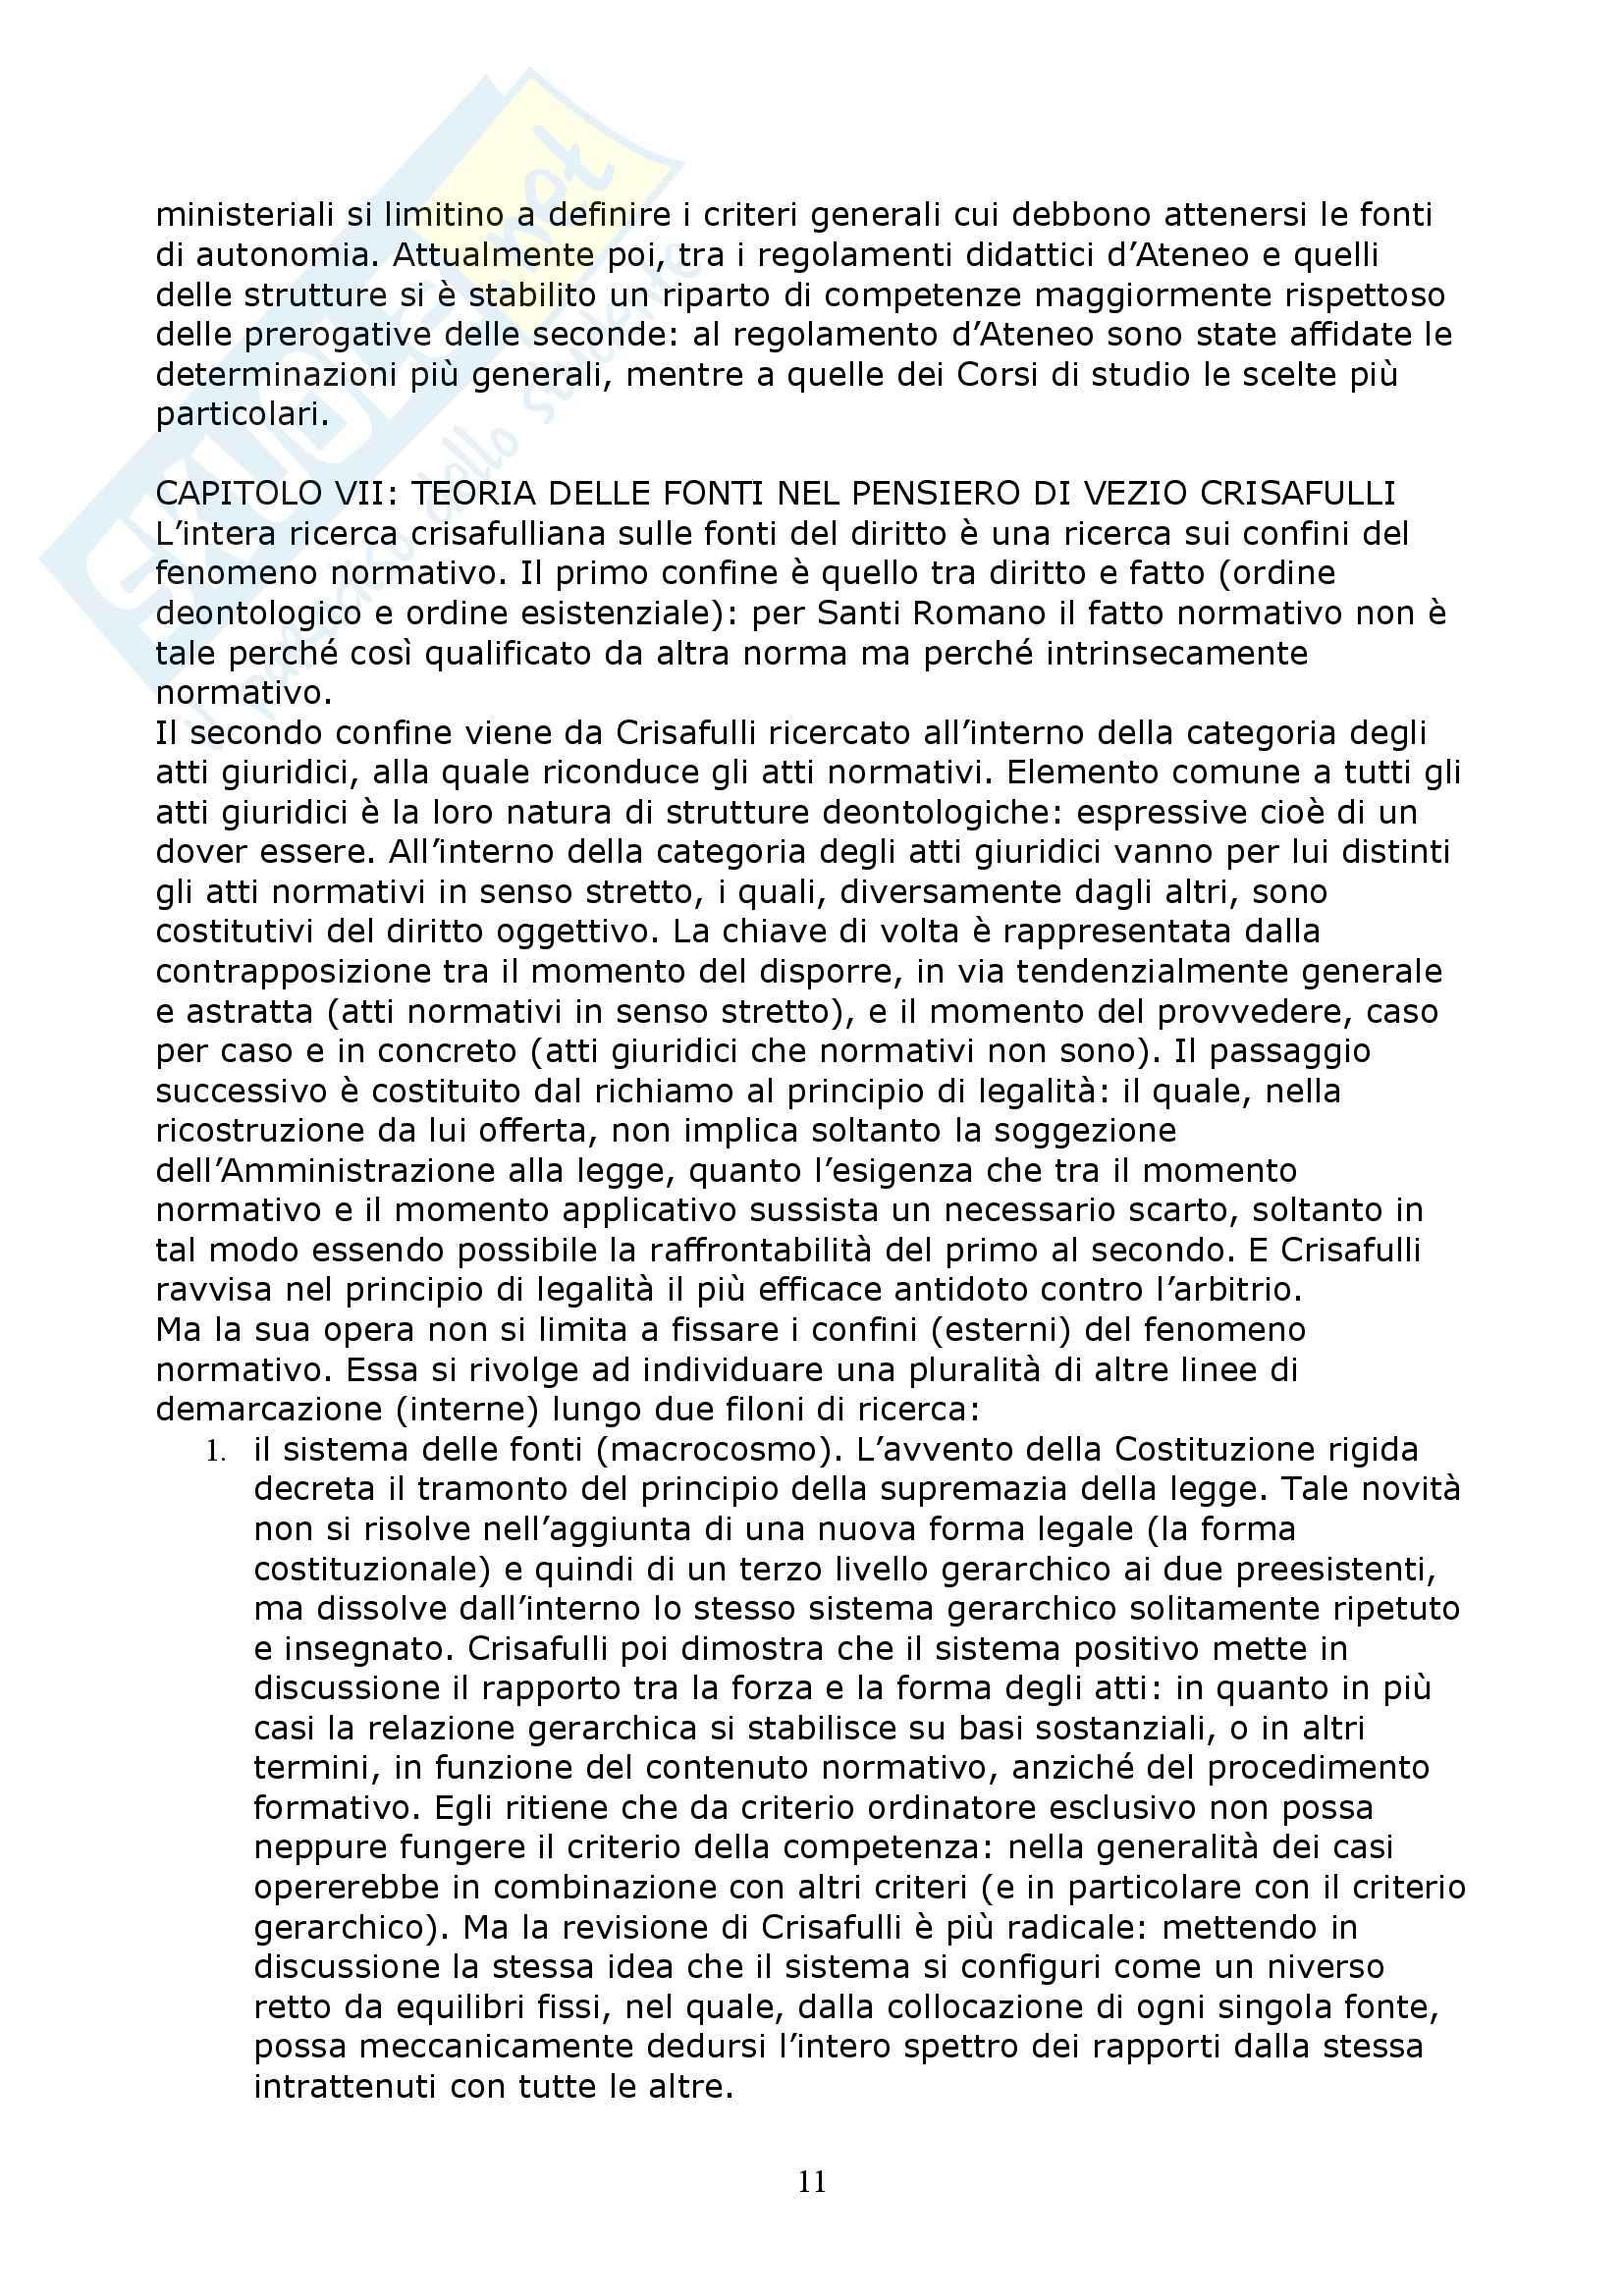 Diritto costituzionale - i principi e i  valori costituzionali Pag. 11